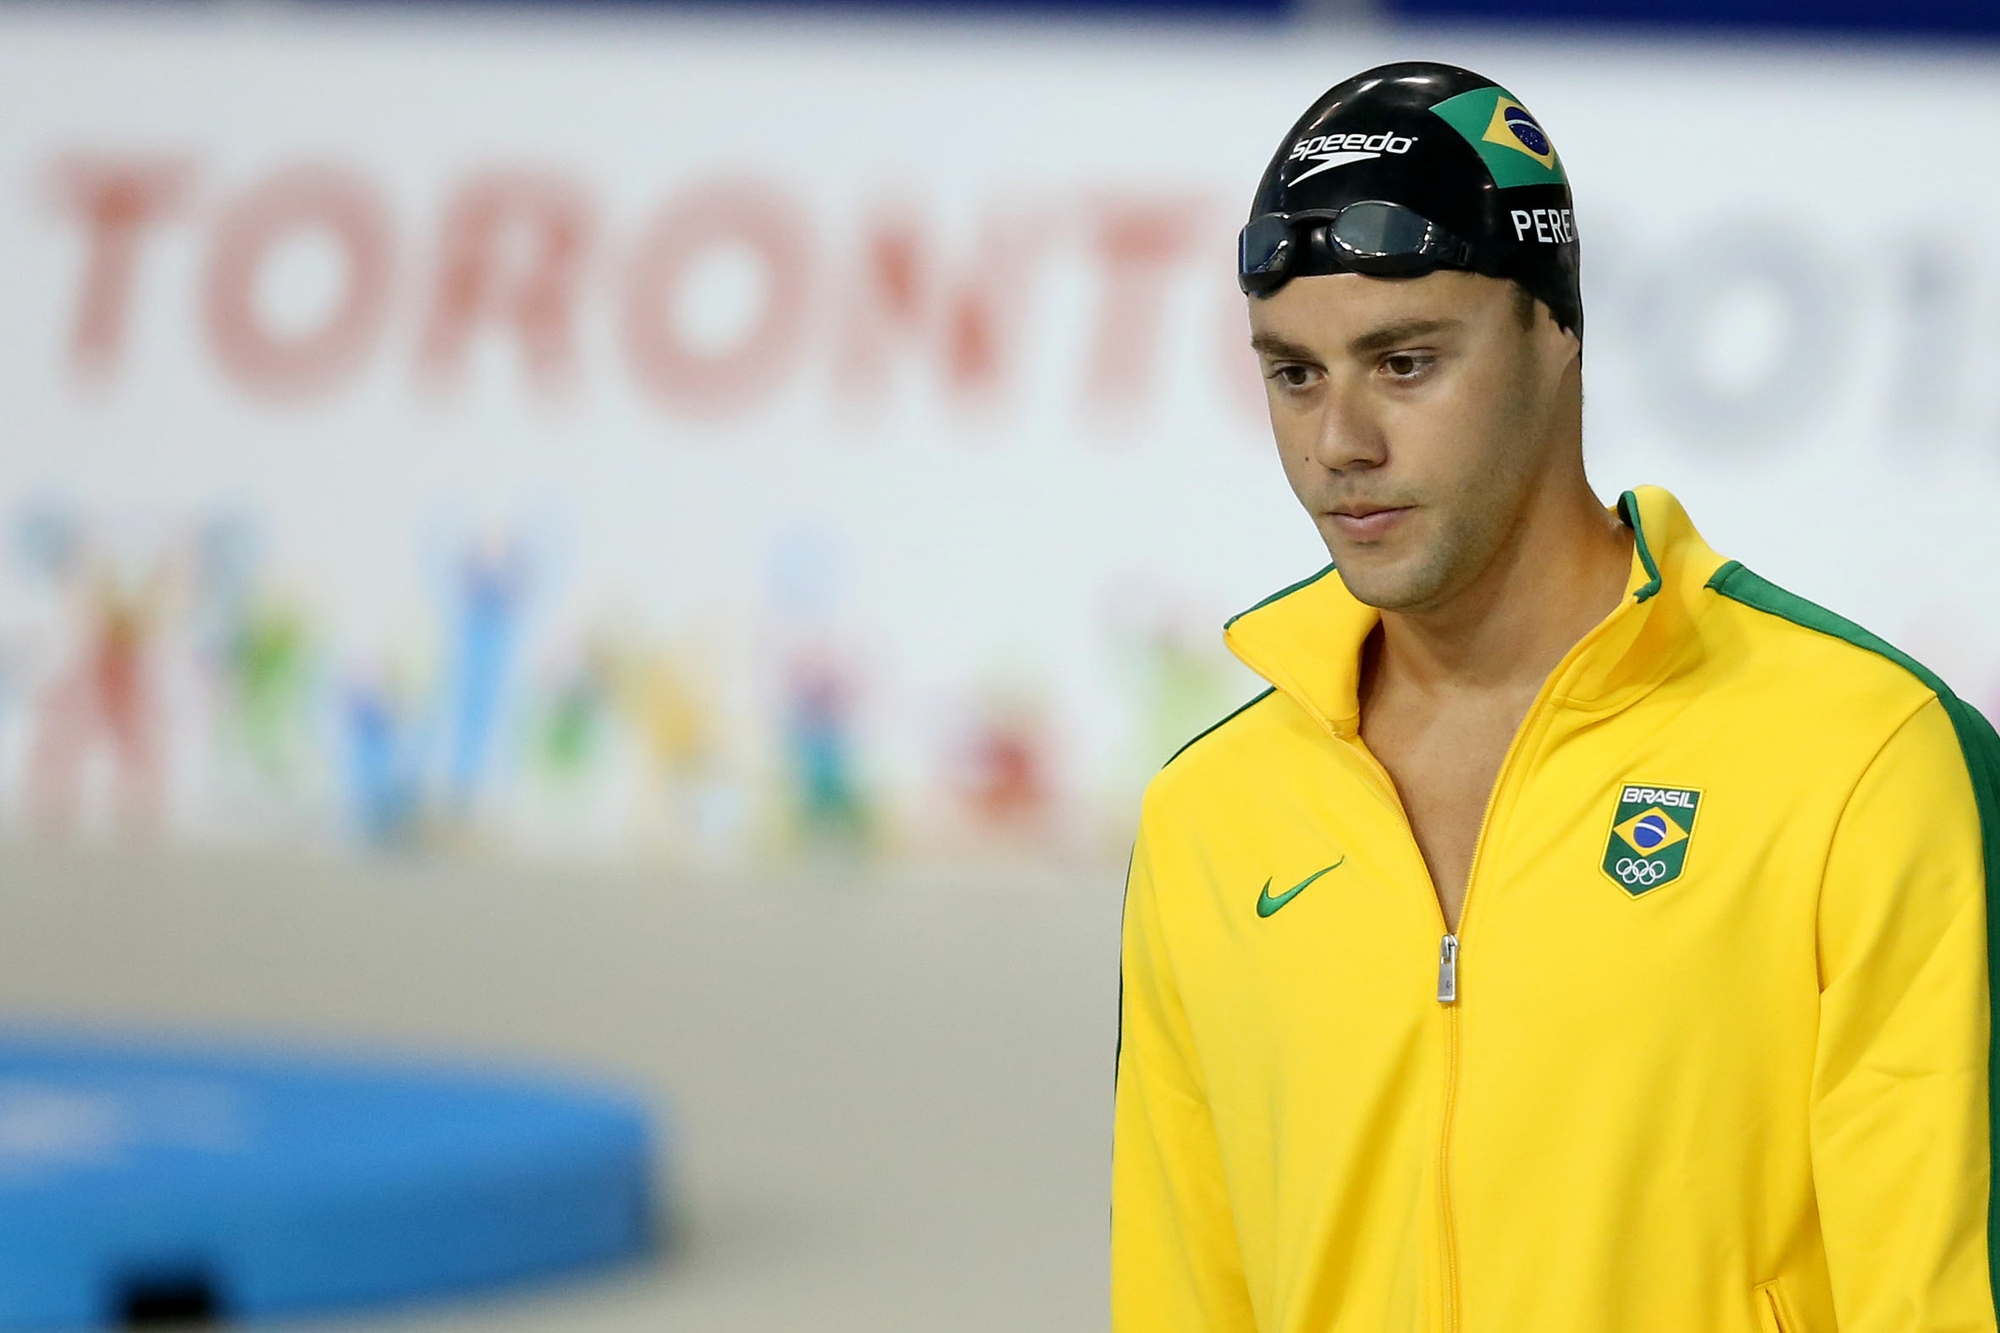 Pivô do adiamento da eleição da Confederação Brasileira de Desportos  Aquáticos (CBDA) depois de ser indicado à Comissão de Atletas pelo então  presidente ... adac13f94bb25